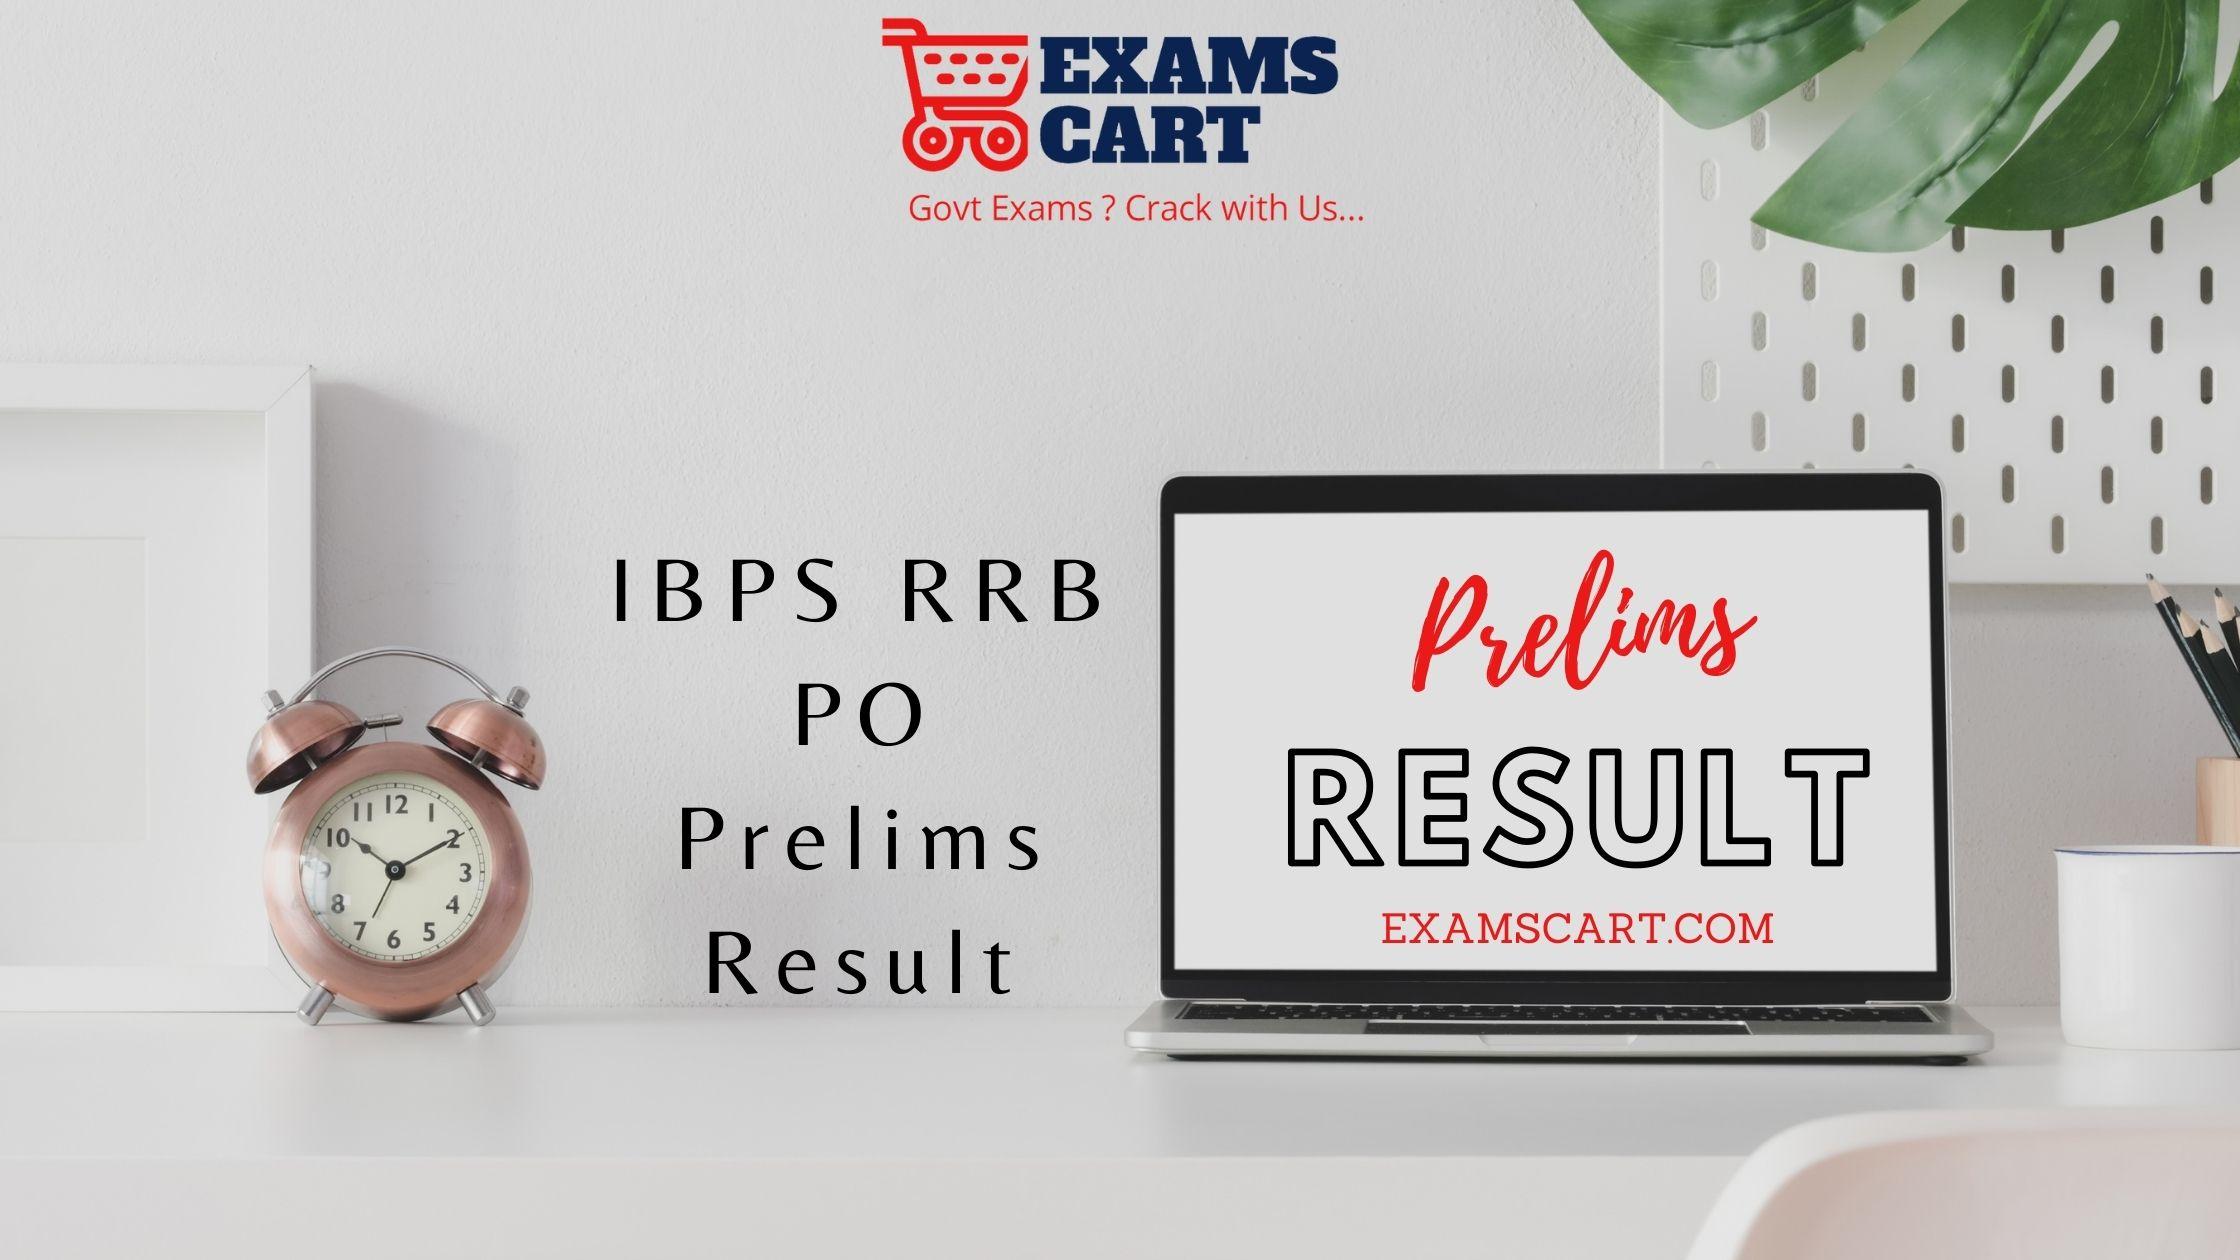 IBPS RRB PO Prelims Result